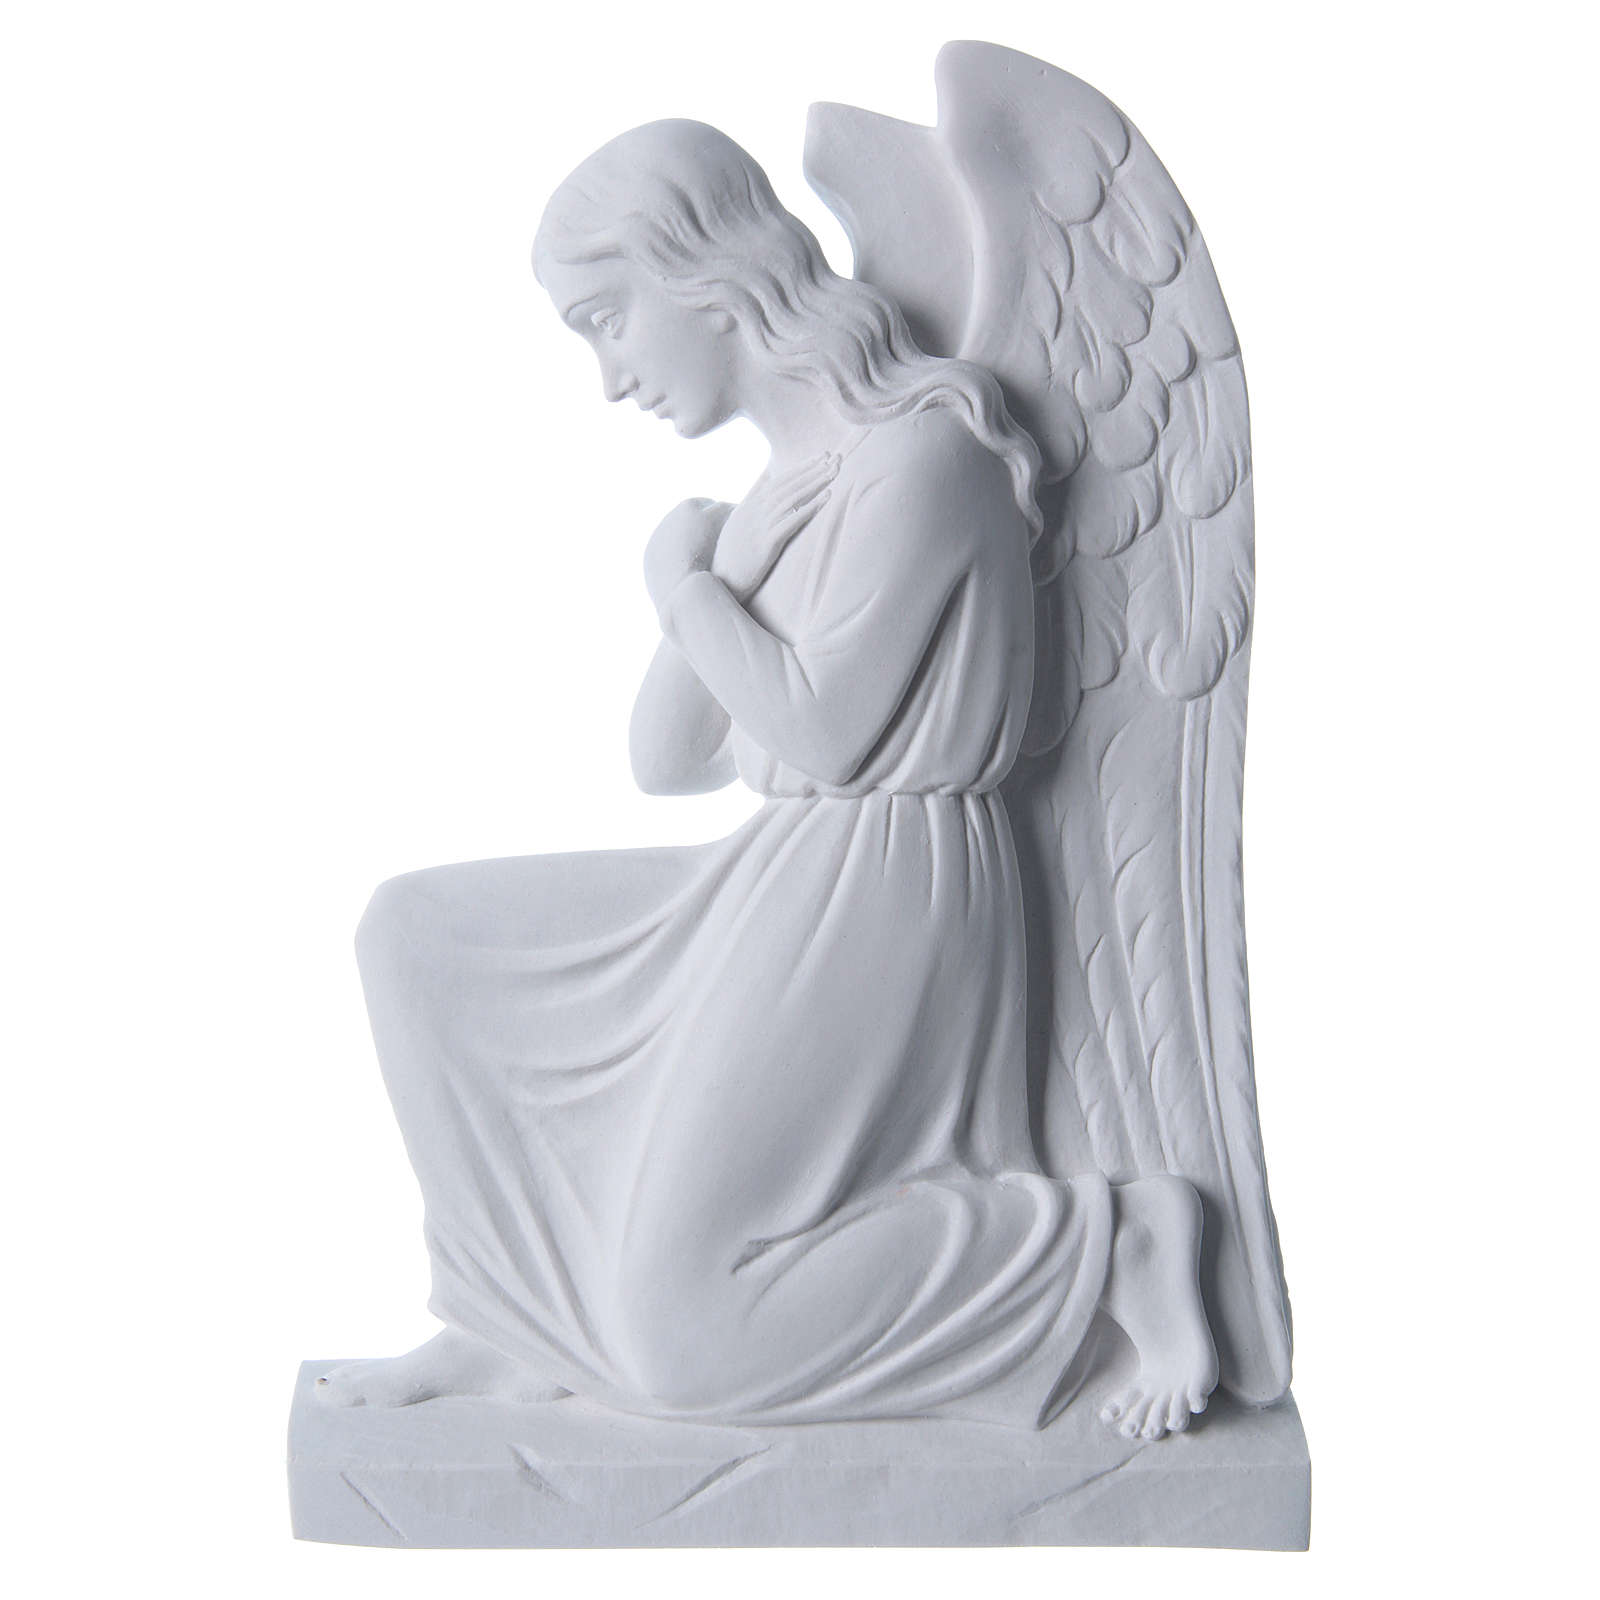 Engel auf den Knien 25 cm Relief weiß 3